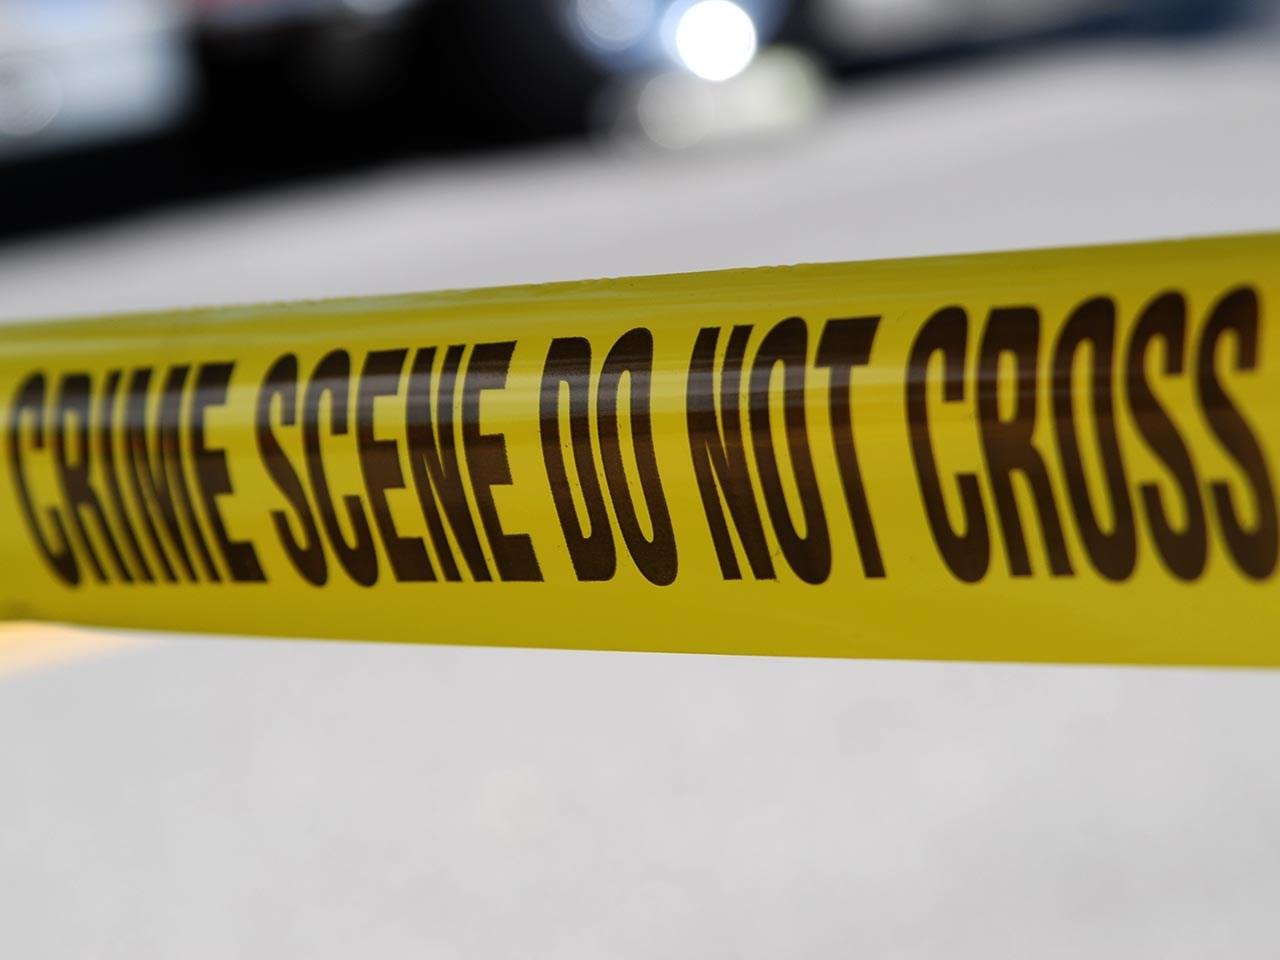 crime scene tape_1520617108414.jpg.jpg